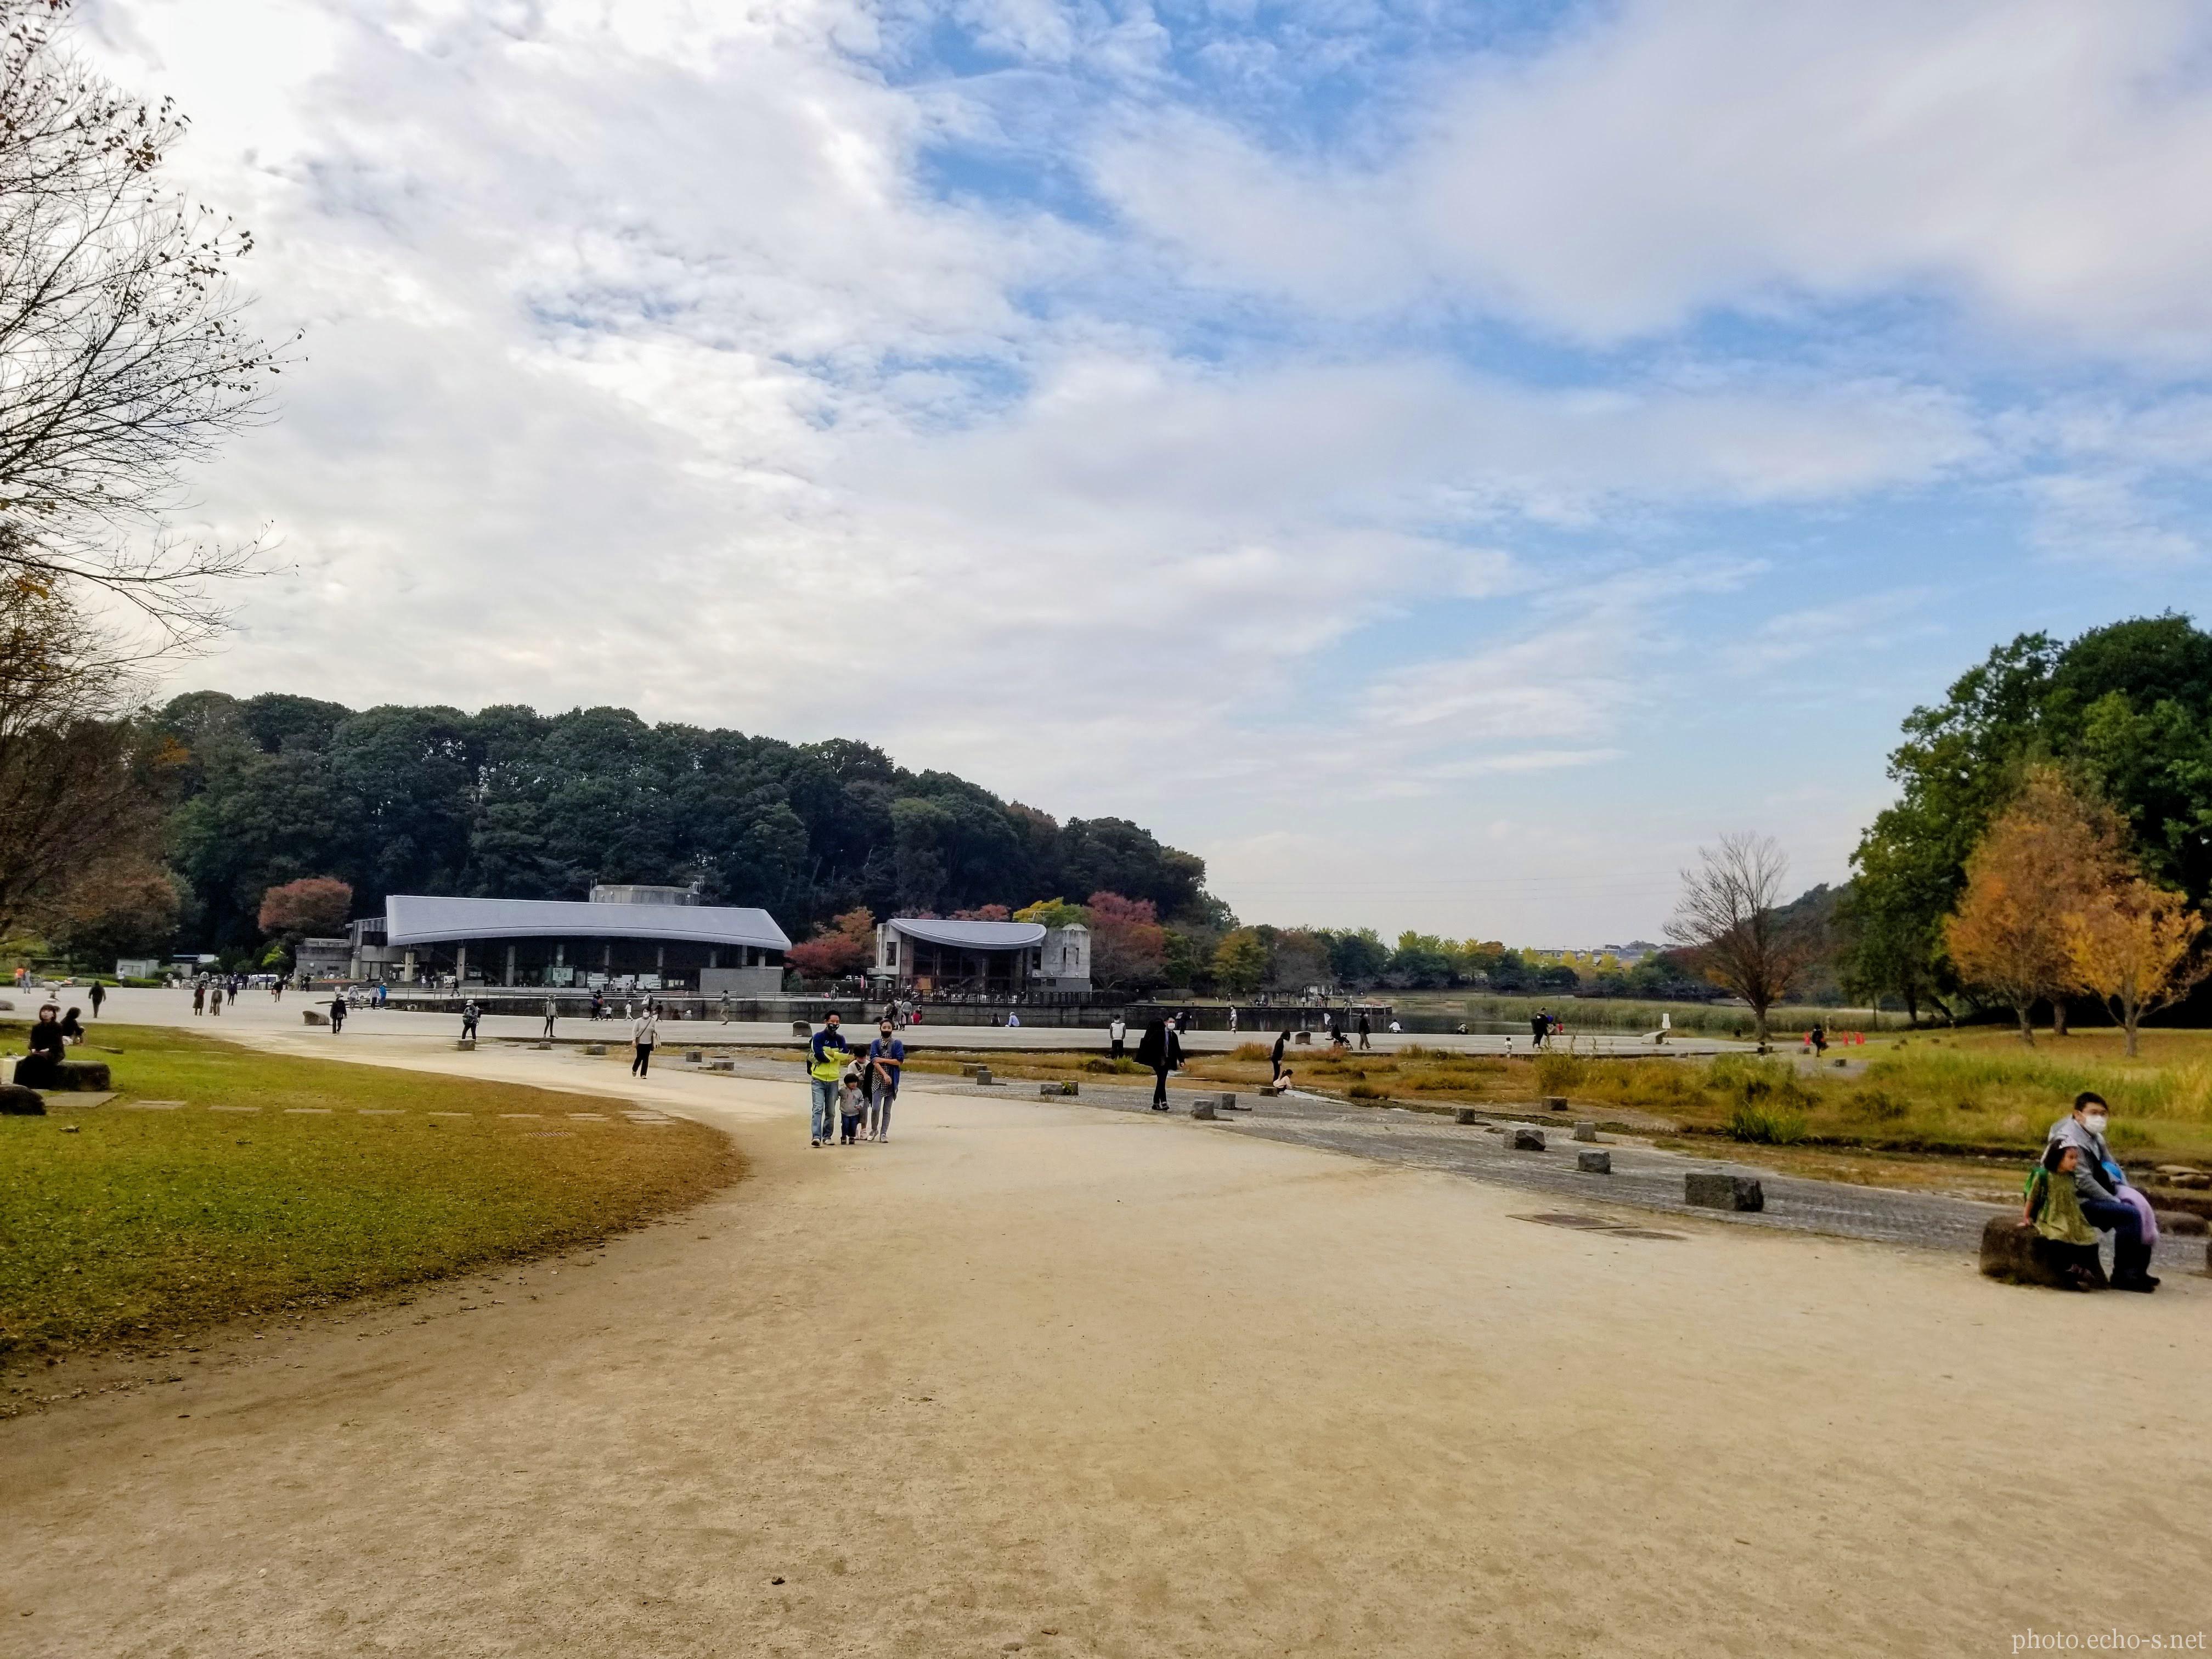 松戸 21世紀の森と広場 千駄堀池